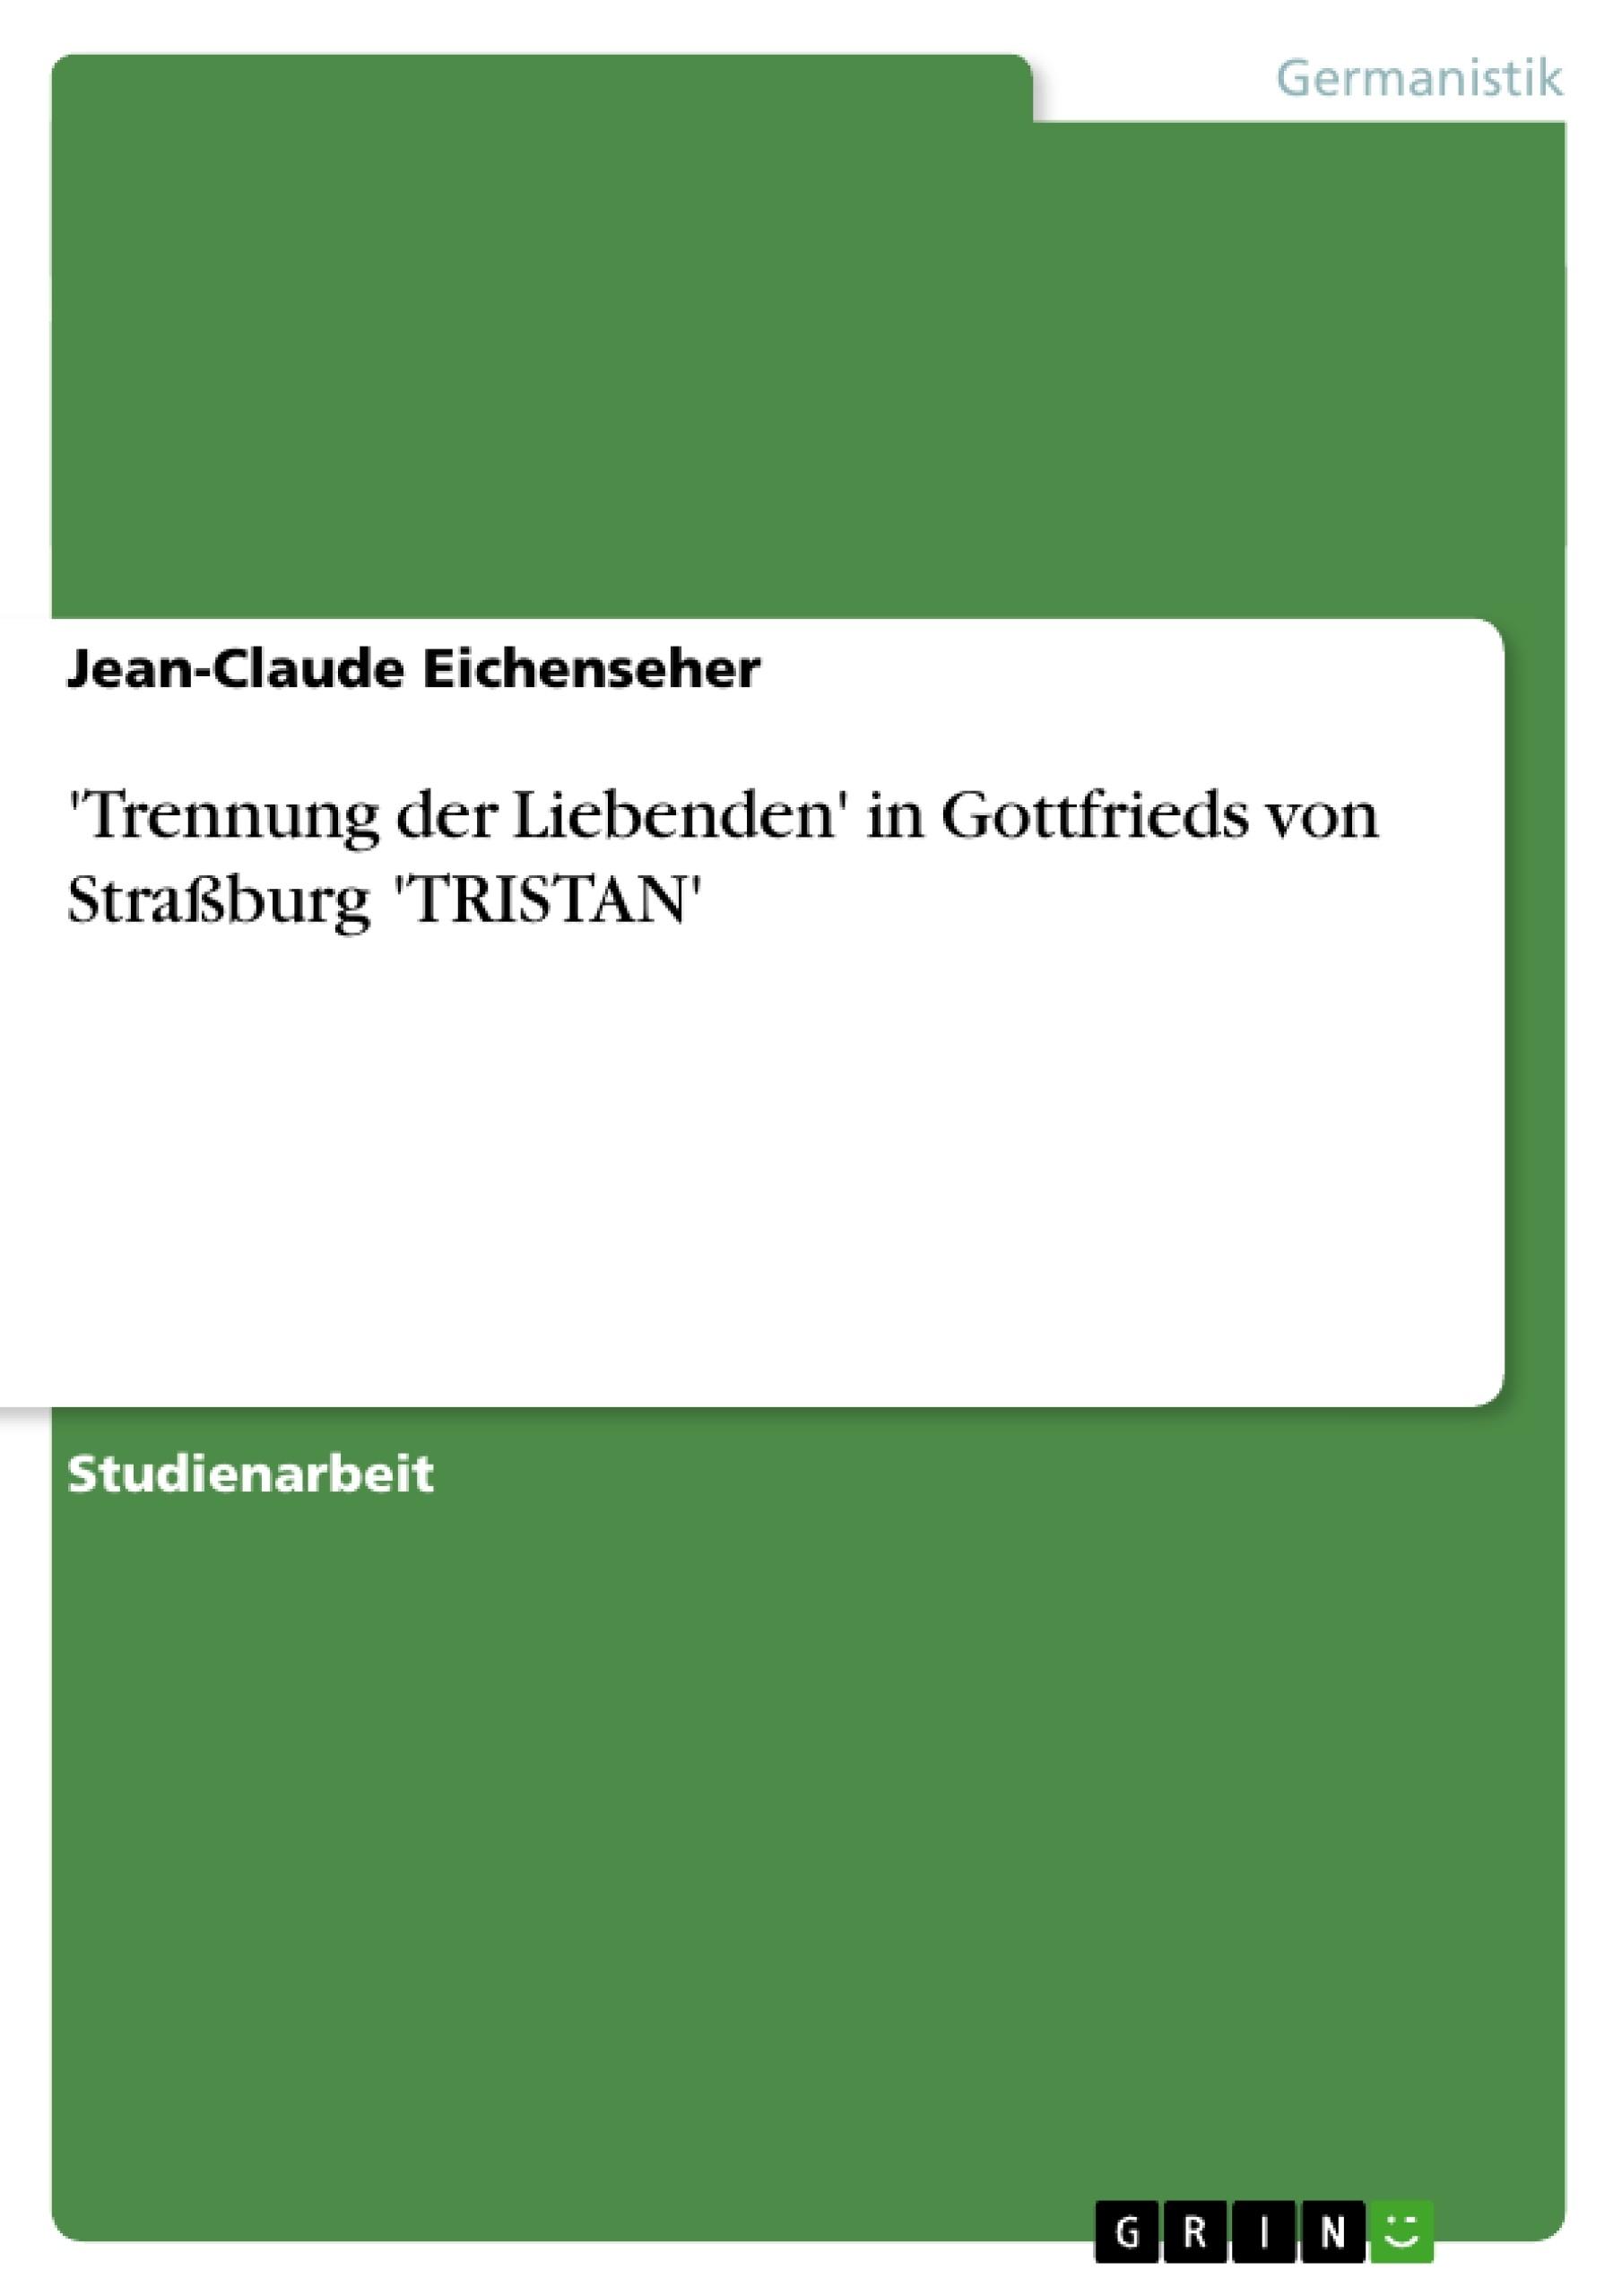 Titel: 'Trennung der Liebenden' in Gottfrieds von Straßburg 'TRISTAN'